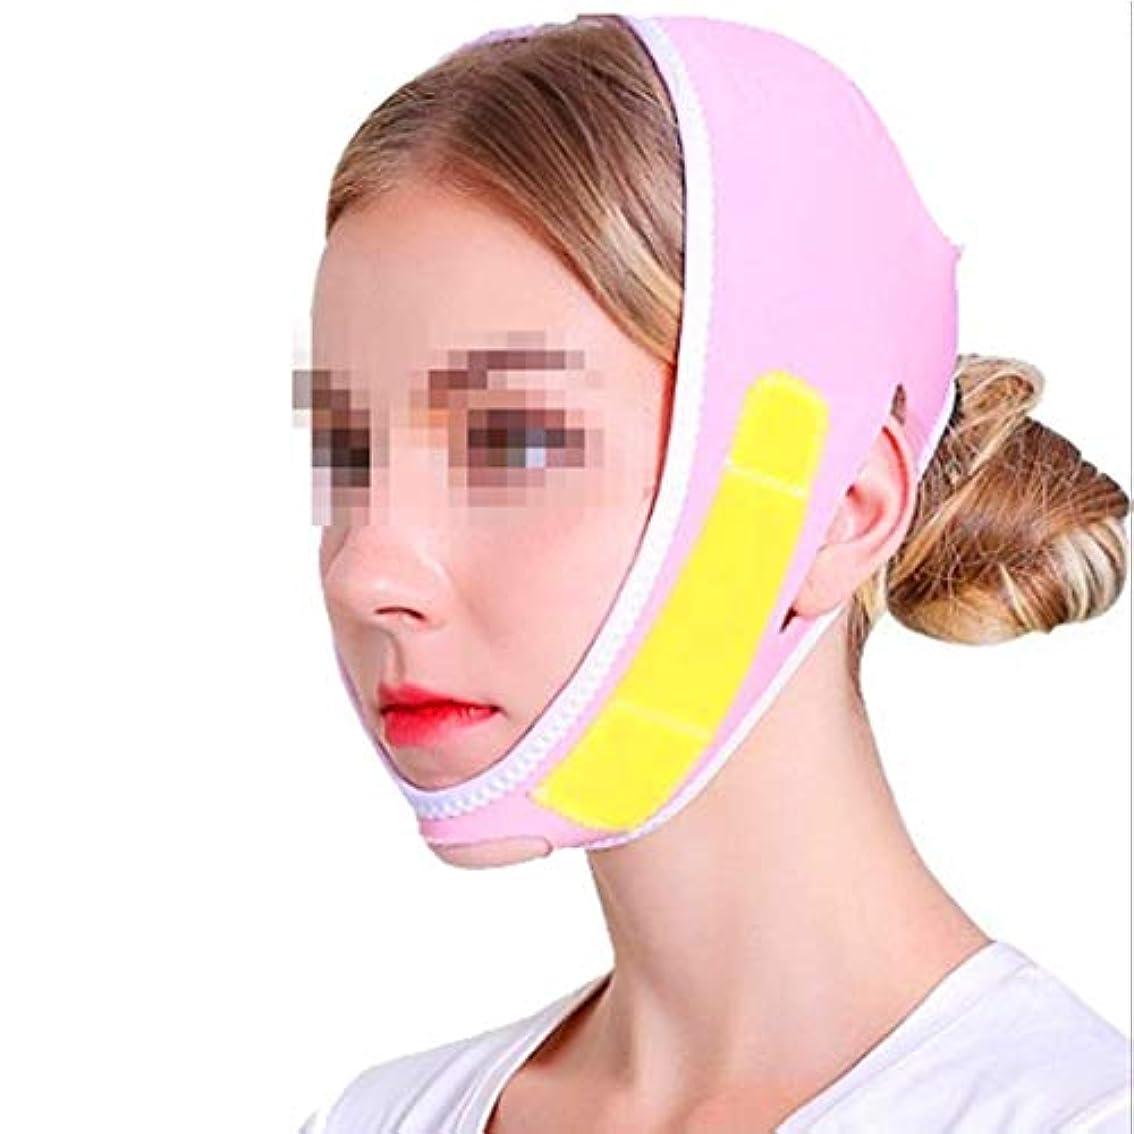 ほこりっぽい再びクレジットフェイスリフトマスク、Vフェイスフェイシャルリフティング、およびローラインにしっかりと締め付けます二重あごの美容整形包帯マルチカラーオプション(カラー:イエロー),ピンク